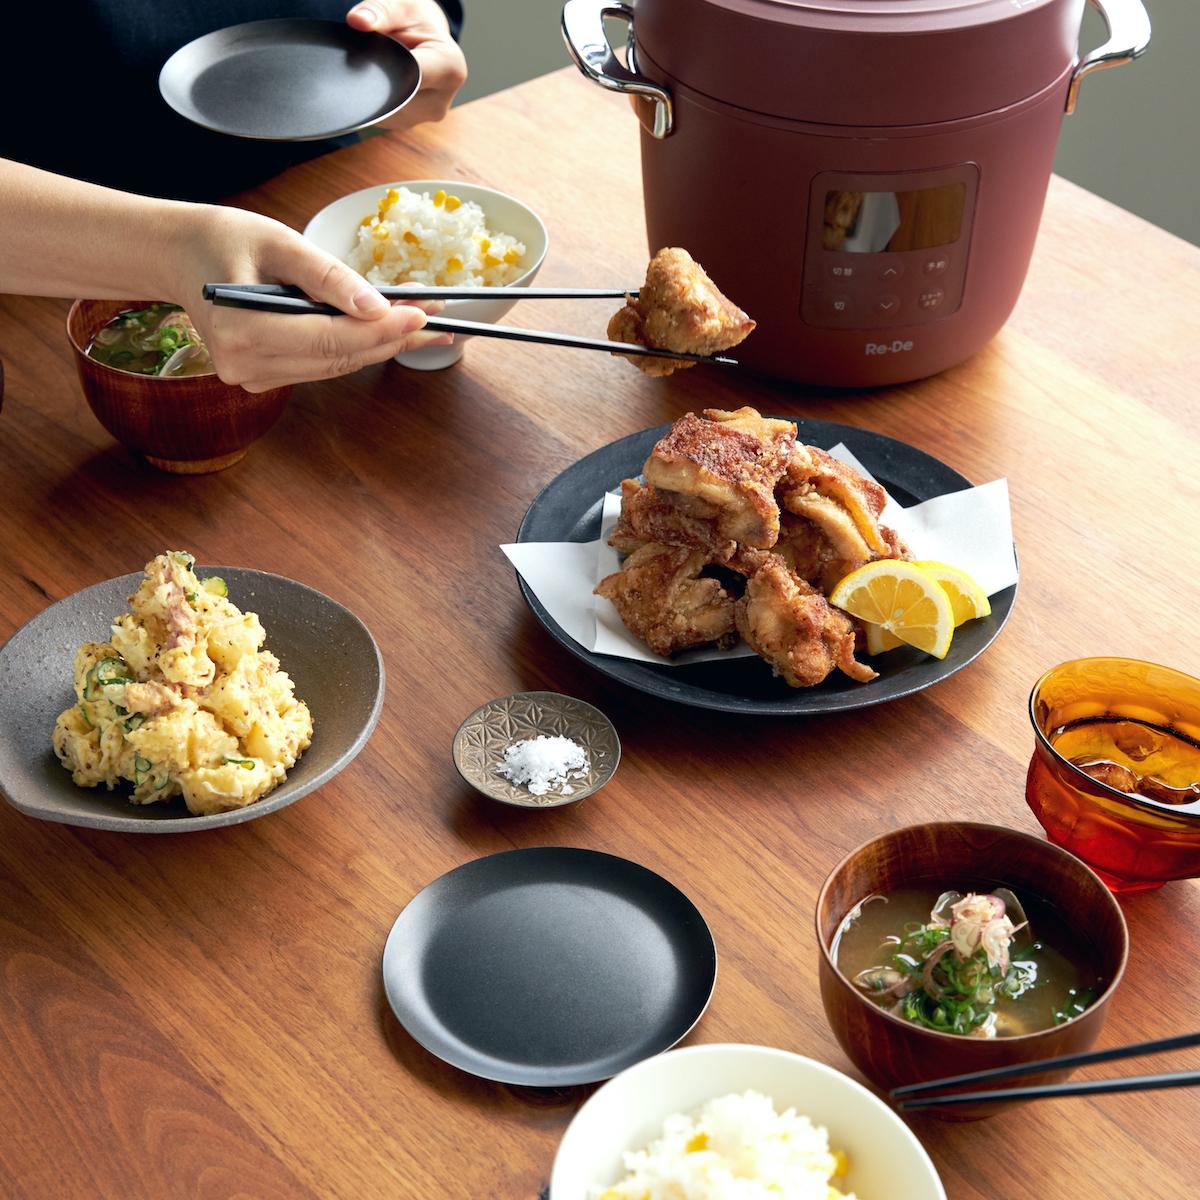 炊飯器を買い替えるなら、できることが増えて、料理上手になる『Re-De Pot』が断然いい!肉はジューシーに、ジャガイモはホクホクに下ごしらえ!炊飯も調理も楽チンで早い「アシスト調理器・電気圧力鍋」|Re-De Pot(リデ ポット)